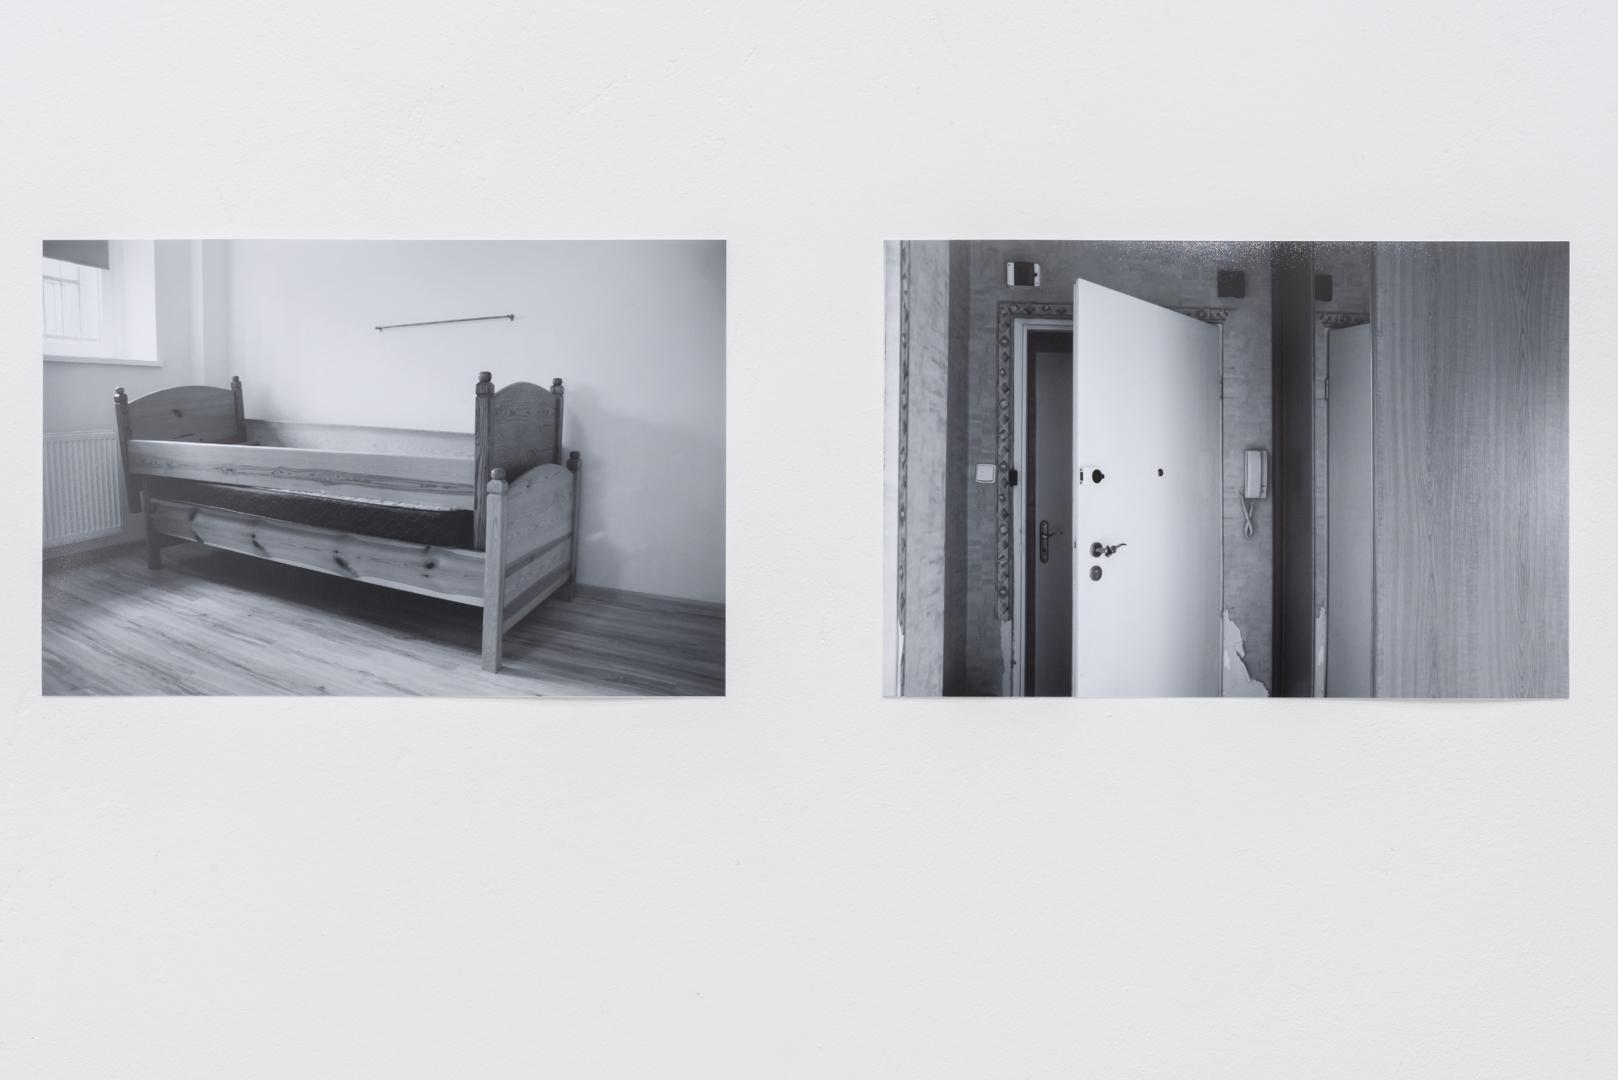 Katarzyna Malejka, zserii Ćwiczenia zniepewności, fotografia, 14 x 21 cm, 2016